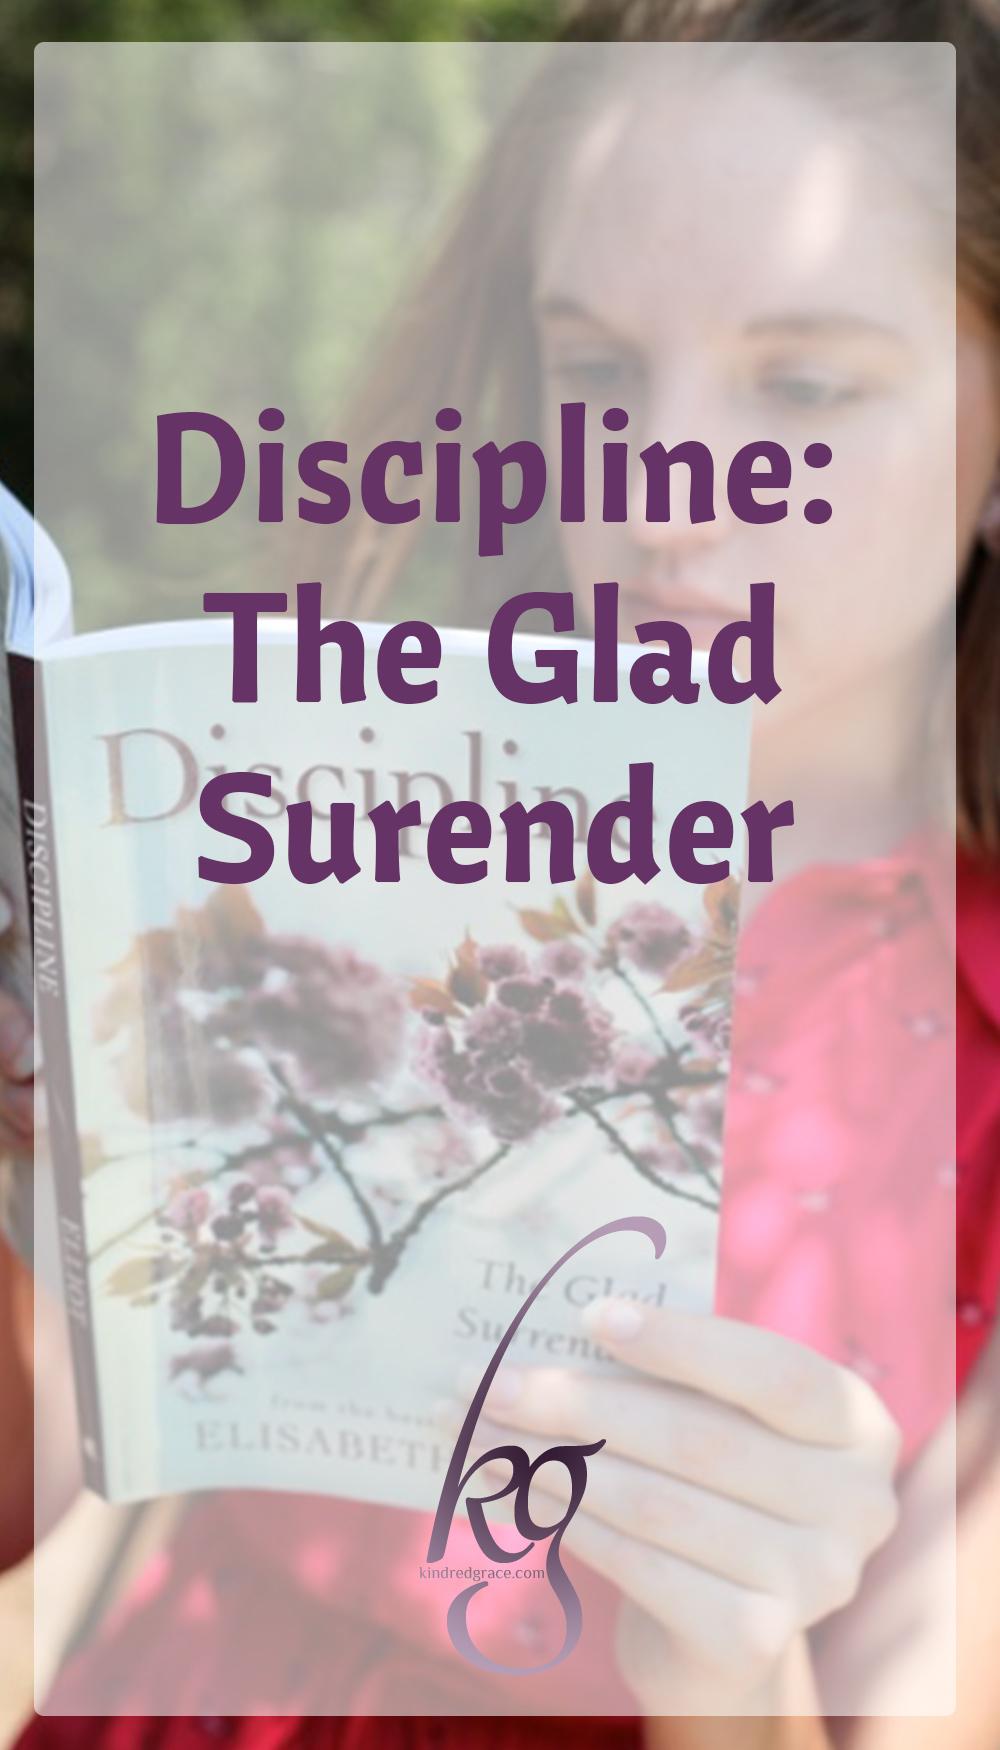 Discipline: The Glad Surrender via @KindredGrace